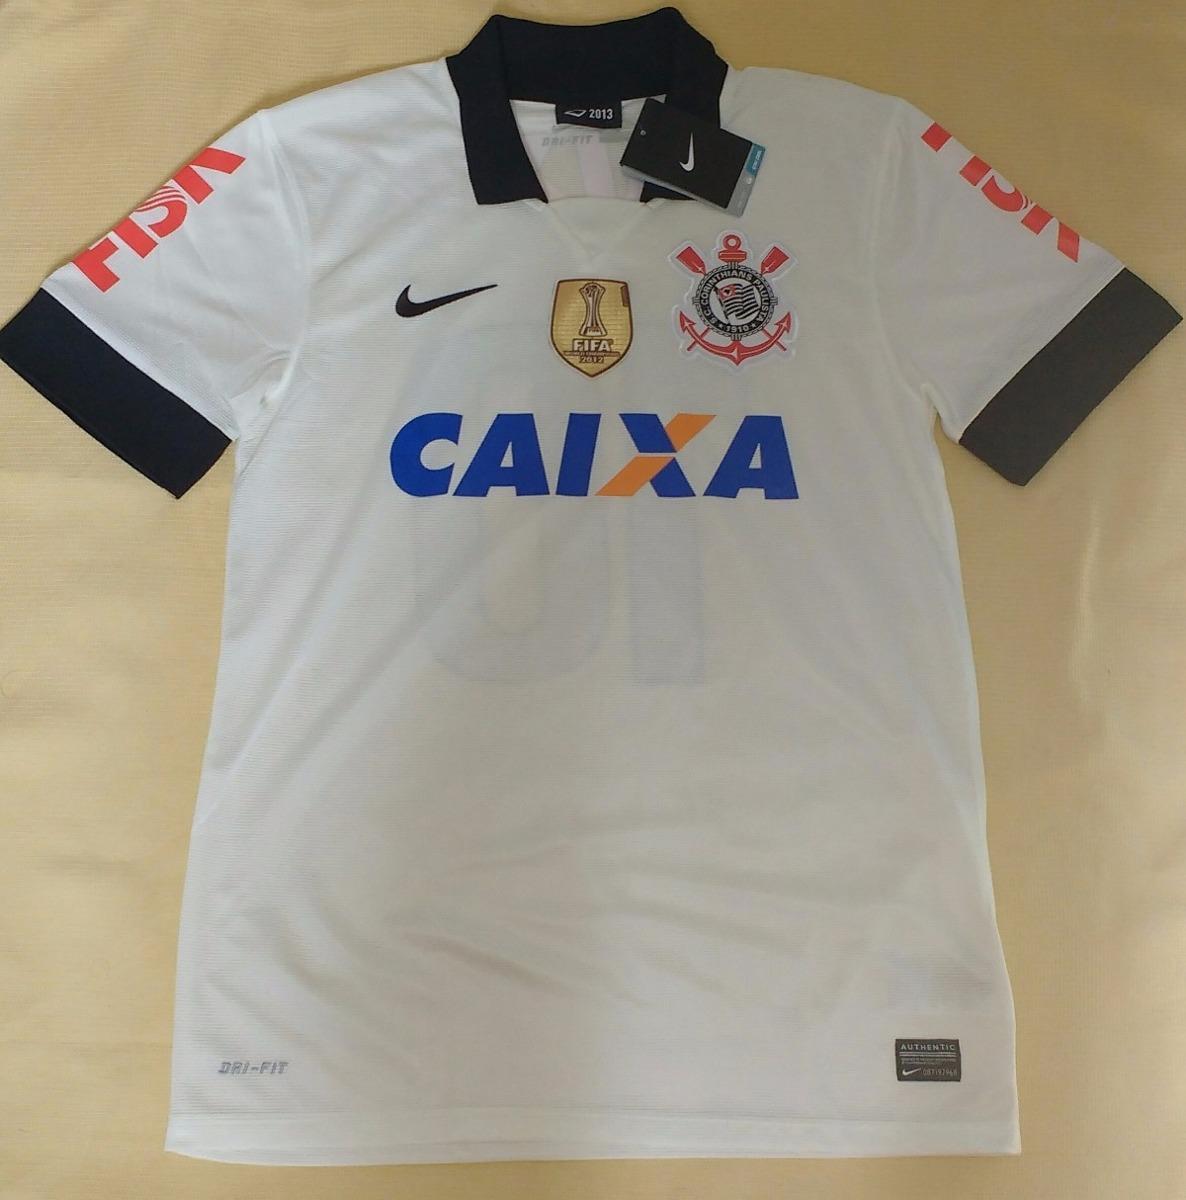 cbc3568696 camiseta corinthians nike escudo fifa campeão mundial 2012. Carregando zoom.